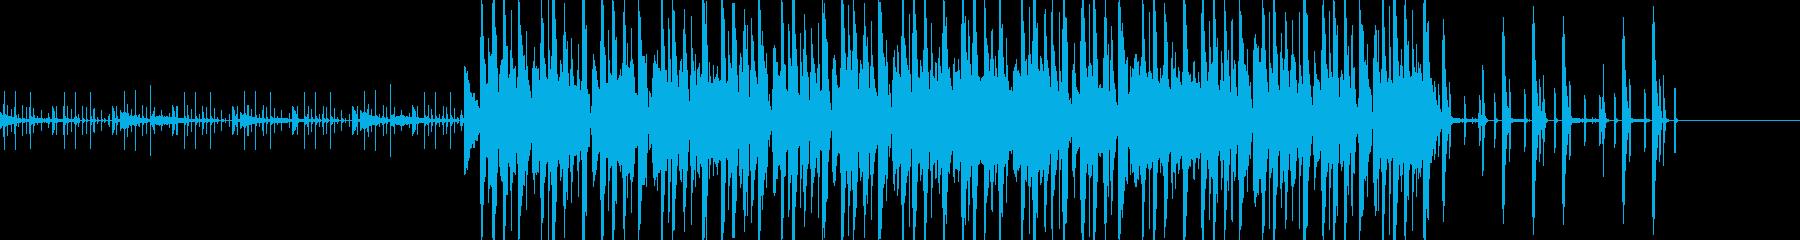 オシャレなファンクミュージックの再生済みの波形